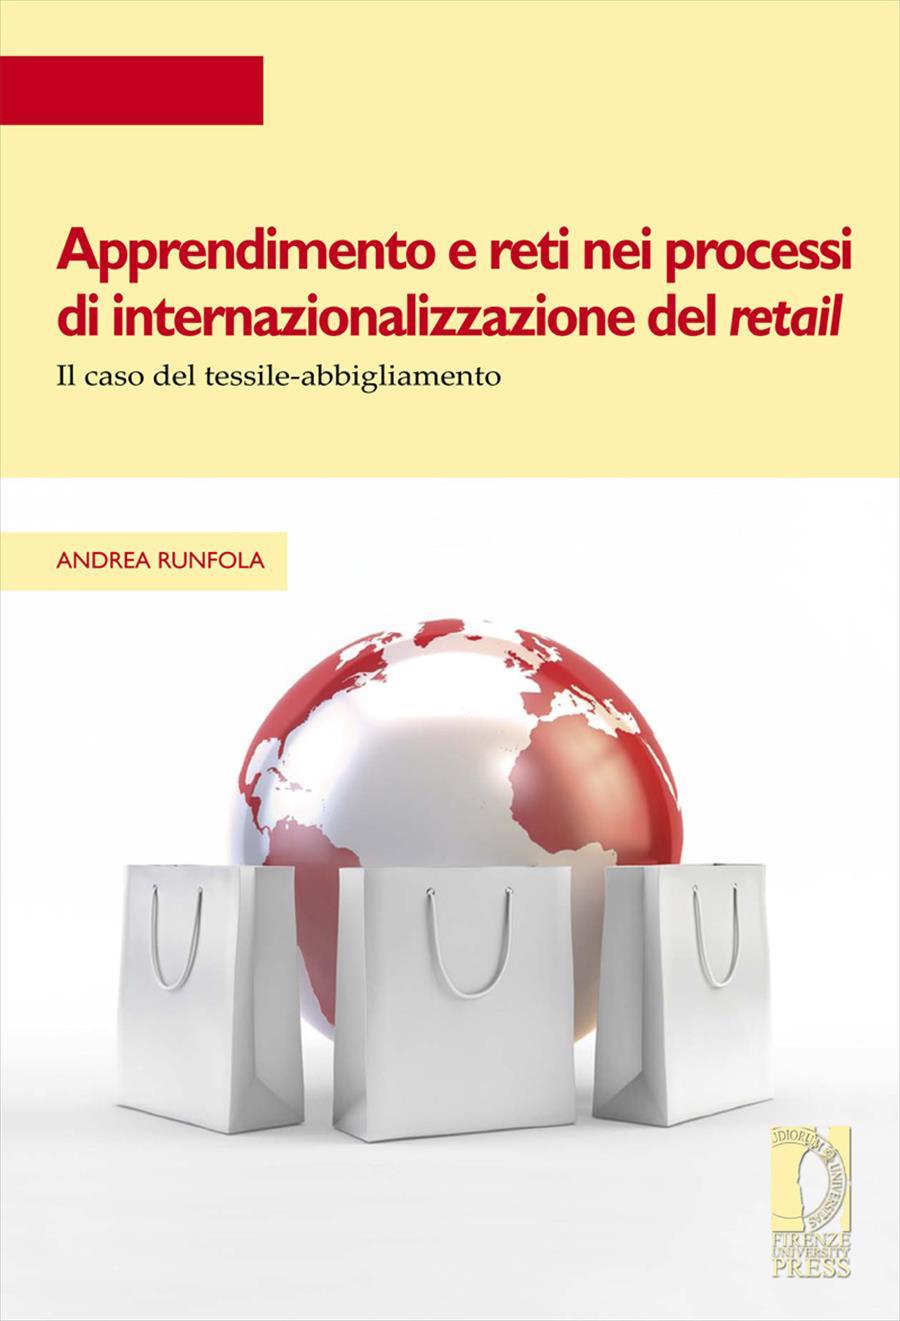 Apprendimento e reti nei processi di internazionalizzazione del retail